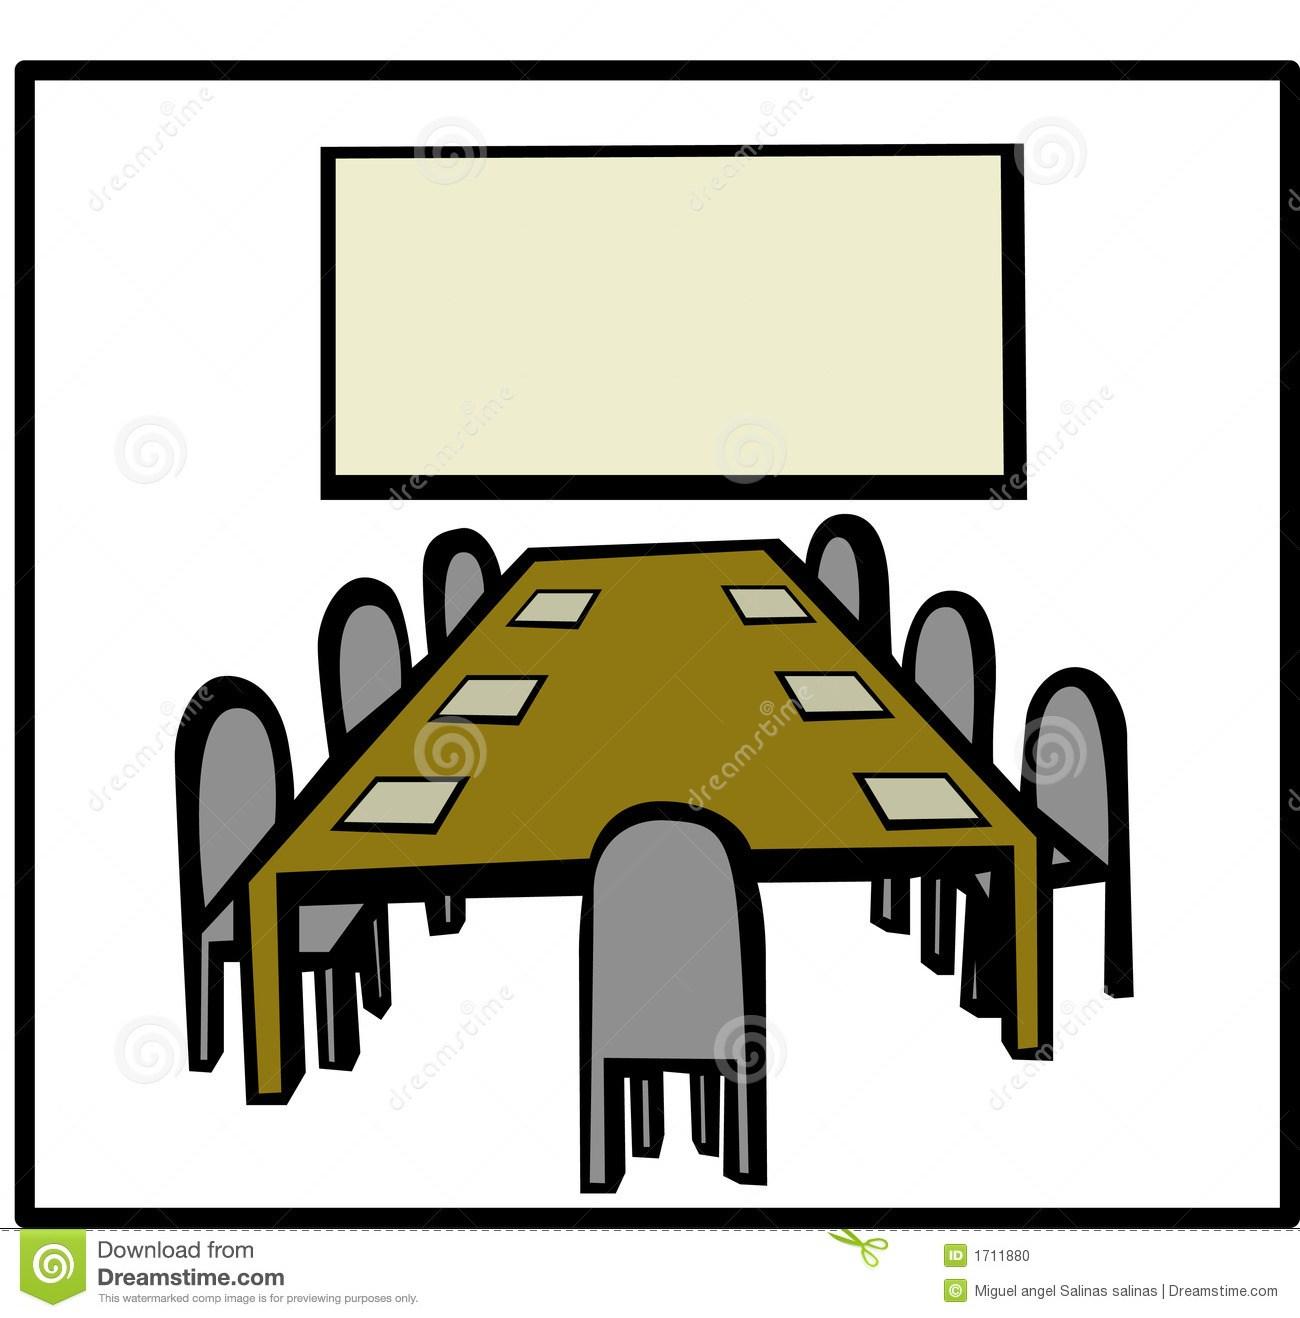 Meeting room clipart » Clipart Portal.